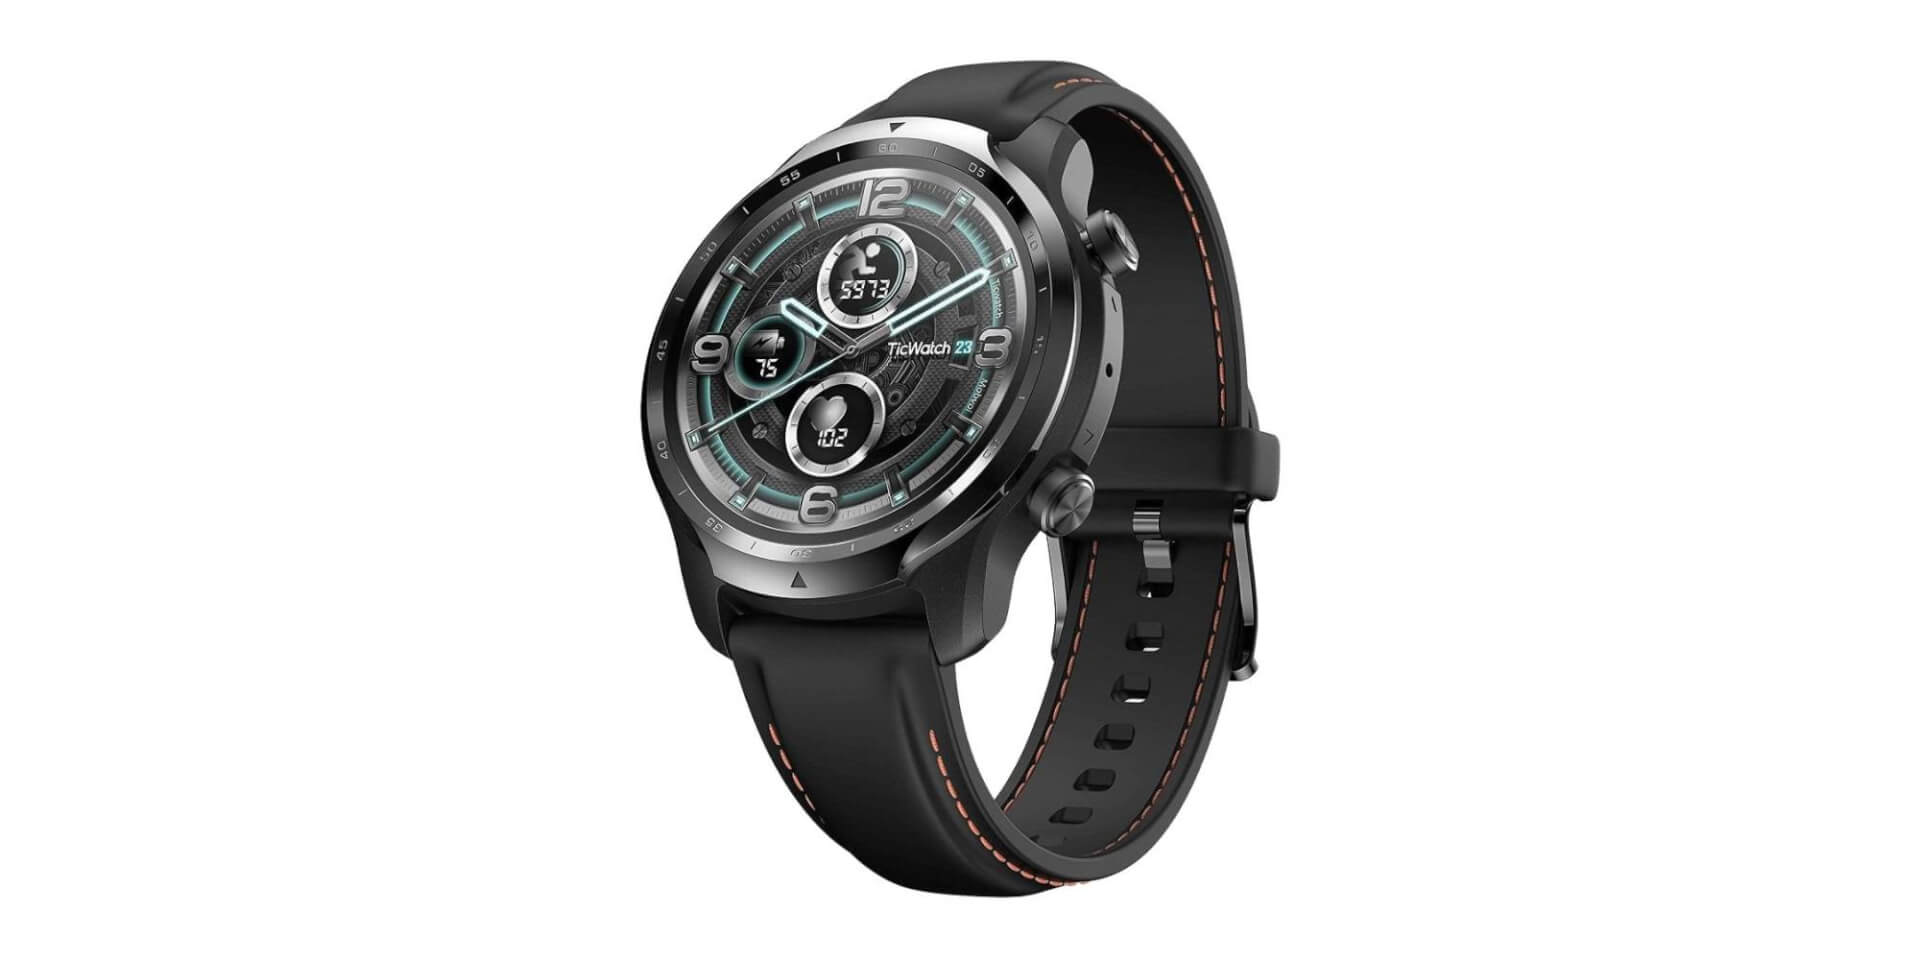 mobvoi tickwatch pro 3 leaked specs